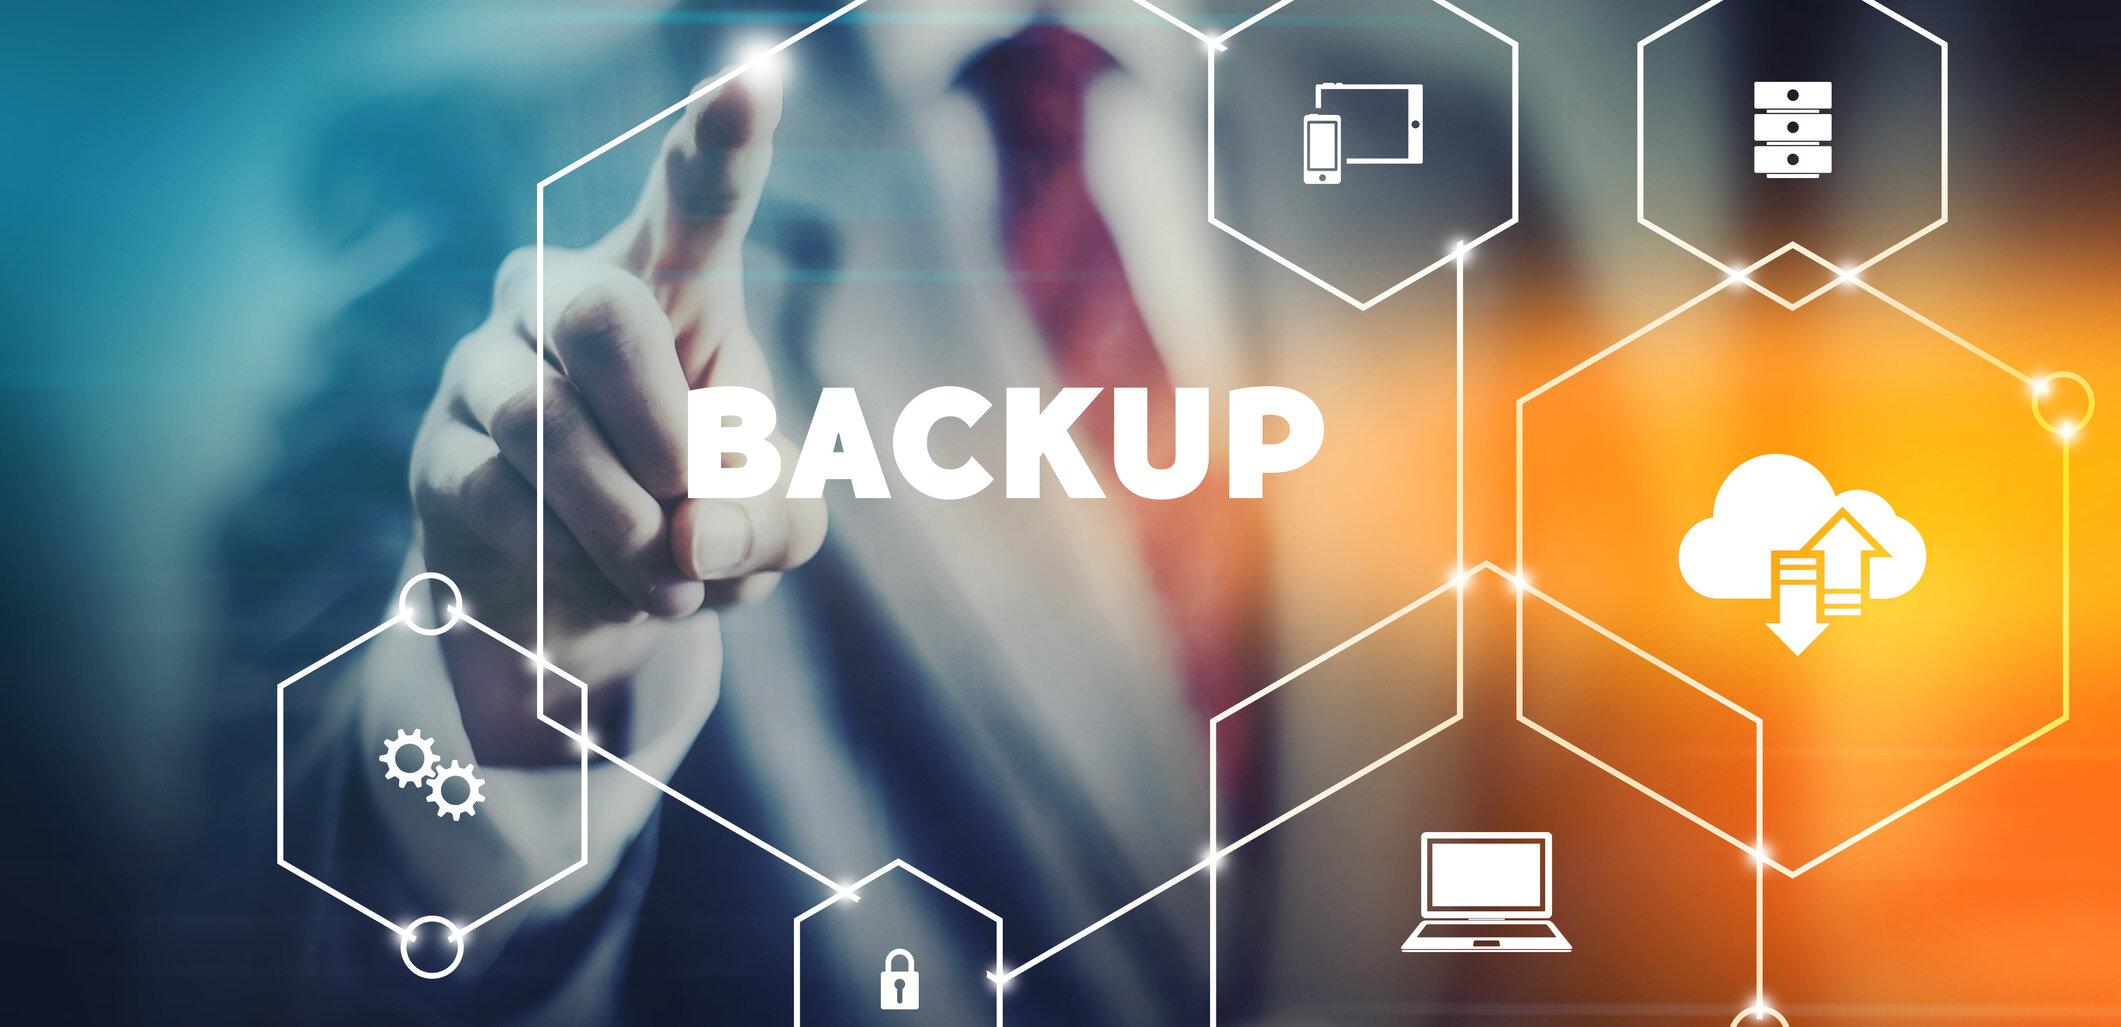 Quel NAS pour sauvegarder vos données ? Voici notre sélection